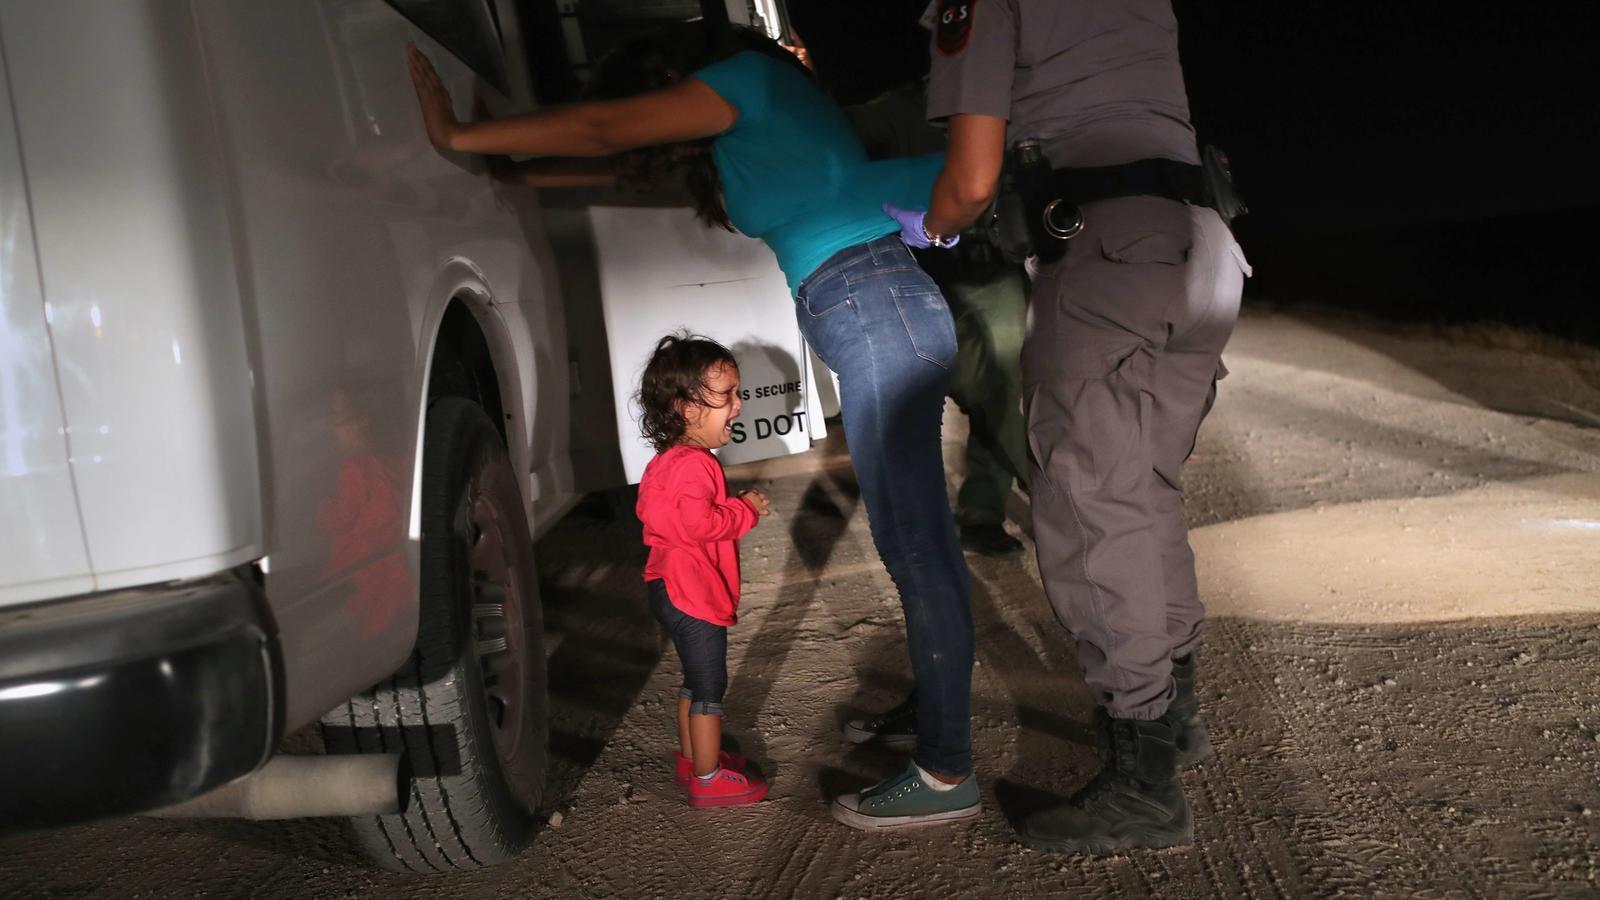 01. ELS NENS PERDUTS DE TRUMP. L'enduriment de les polítiques migratòries per part de Trump ha convertit la frontera sud dels Estats Units en un dels punts calents de l'any. La imatge d'una nena hondurenya plorant mentre escorcollen la seva mare va donar la volta al món. Després es va saber que molts d'aquests nens eren separats dels seus pares